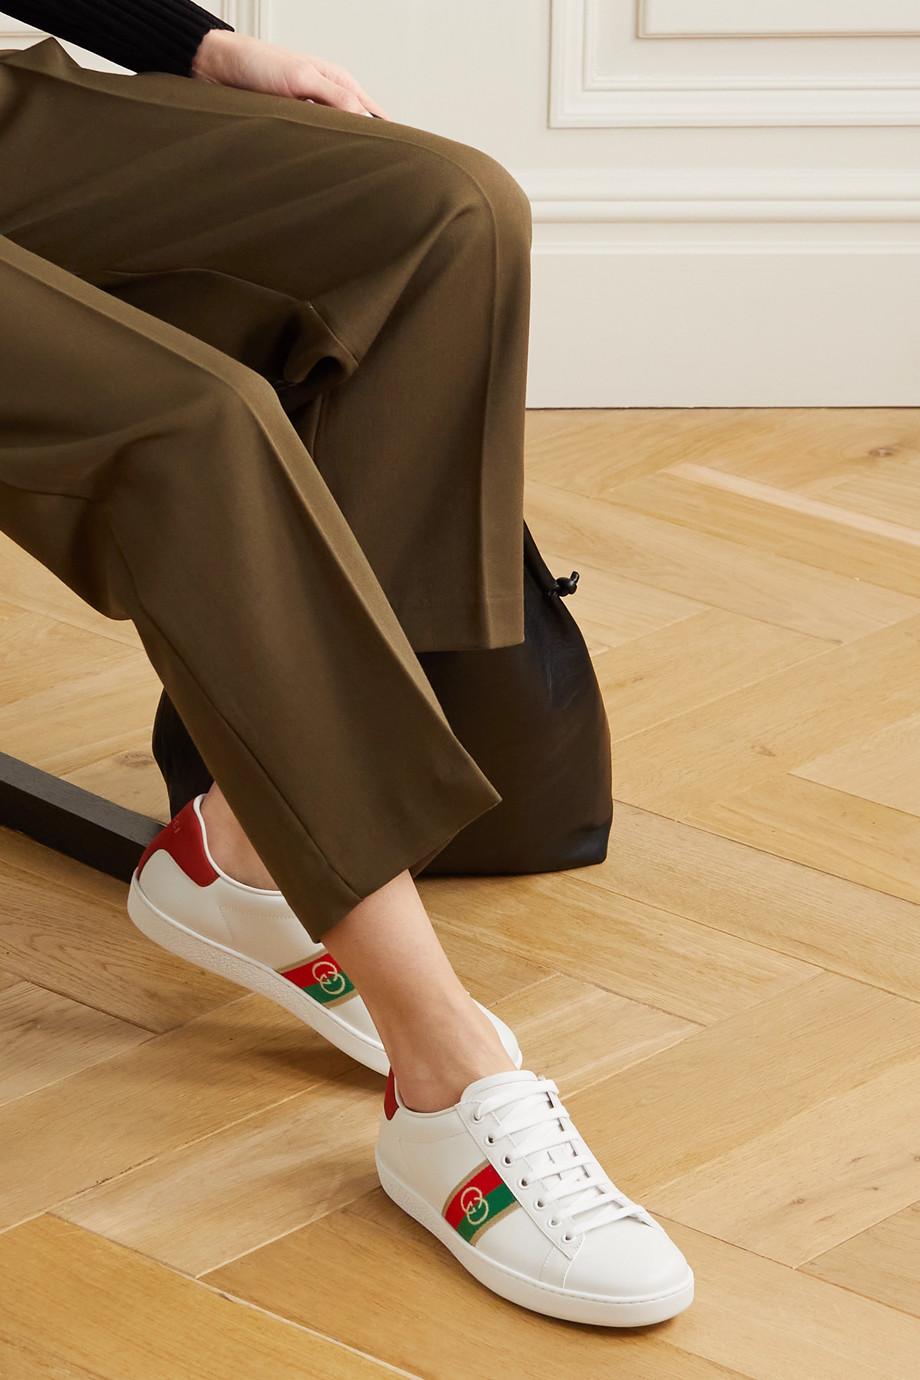 Gucci Ace 织带边饰皮革运动鞋